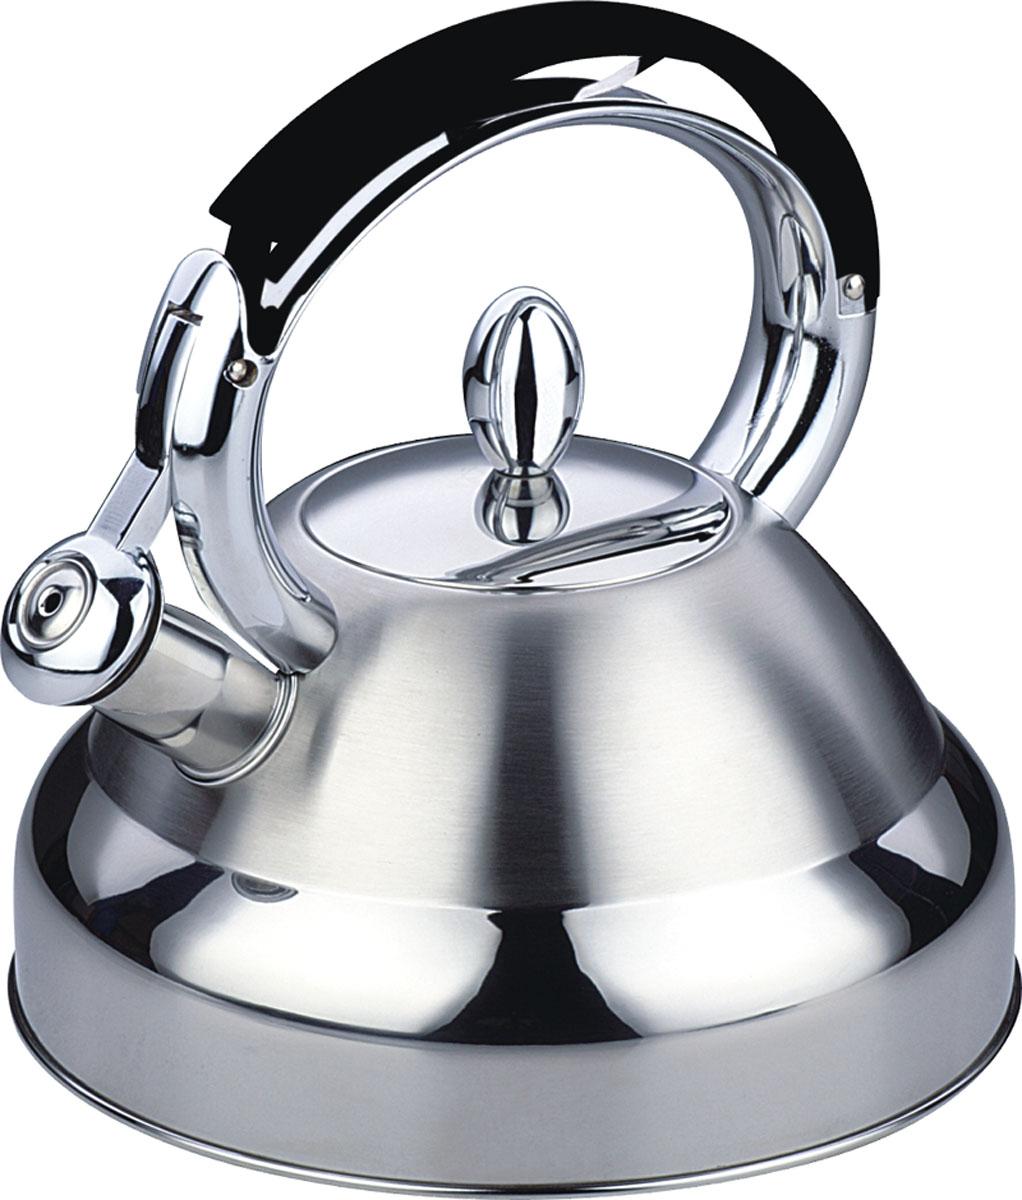 Чайник Bekker De Luxe со свистком, 2,7 л. BK-S426BK-S426Чайник Bekker De Luxe изготовлен из высококачественной нержавеющей стали 18/10. Поверхность матовая с зеркальной полосой по нижнему краю. Капсулированное дно распределяет тепло по всей поверхности, что позволяет чайнику быстро закипать. Эргономичная фиксированная рукоятка выполнена из нержавеющей стали и бакелита с прорезиненным покрытием. Носик оснащен откидным свистком, который подскажет, когда вода закипела. Свисток открывается и закрывается нажатием на рукоятку. Оригинальный дизайн эффектно оформит интерьер кухни.Подходит для всех типов плит, включая индукционные. Можно мыть в посудомоечной машине.